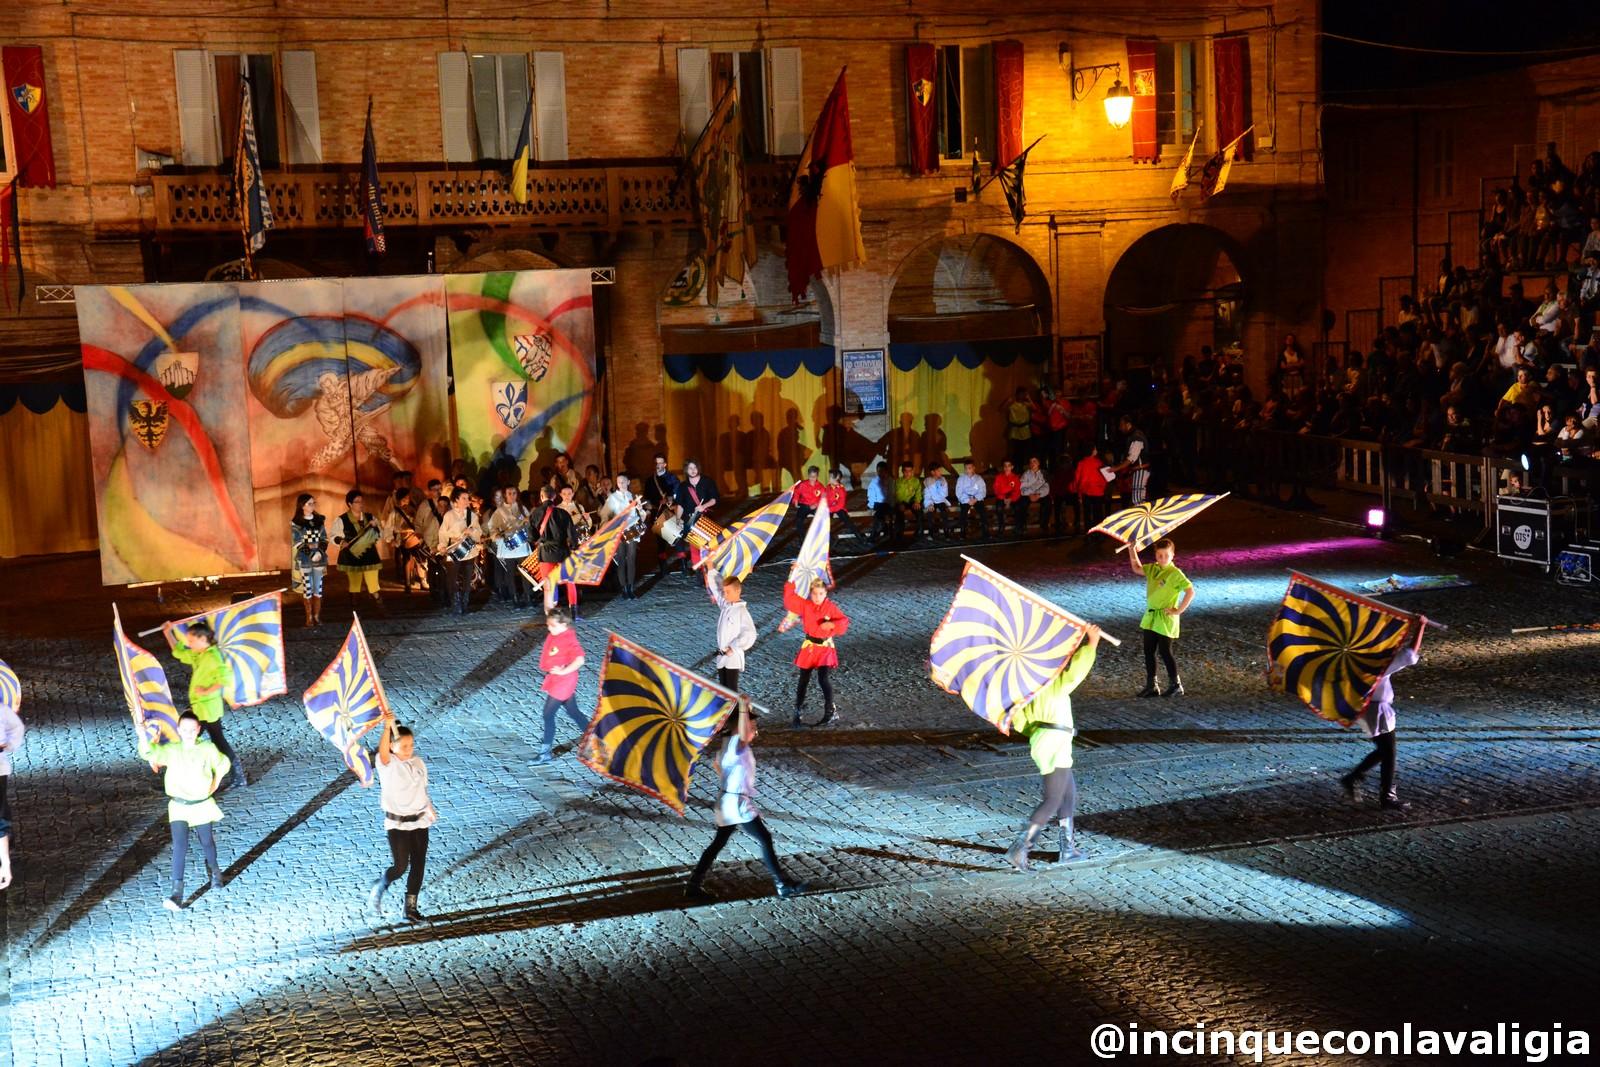 Il Torneo cavalleresco di Servigliano (Foto incinqueconlavaligia)